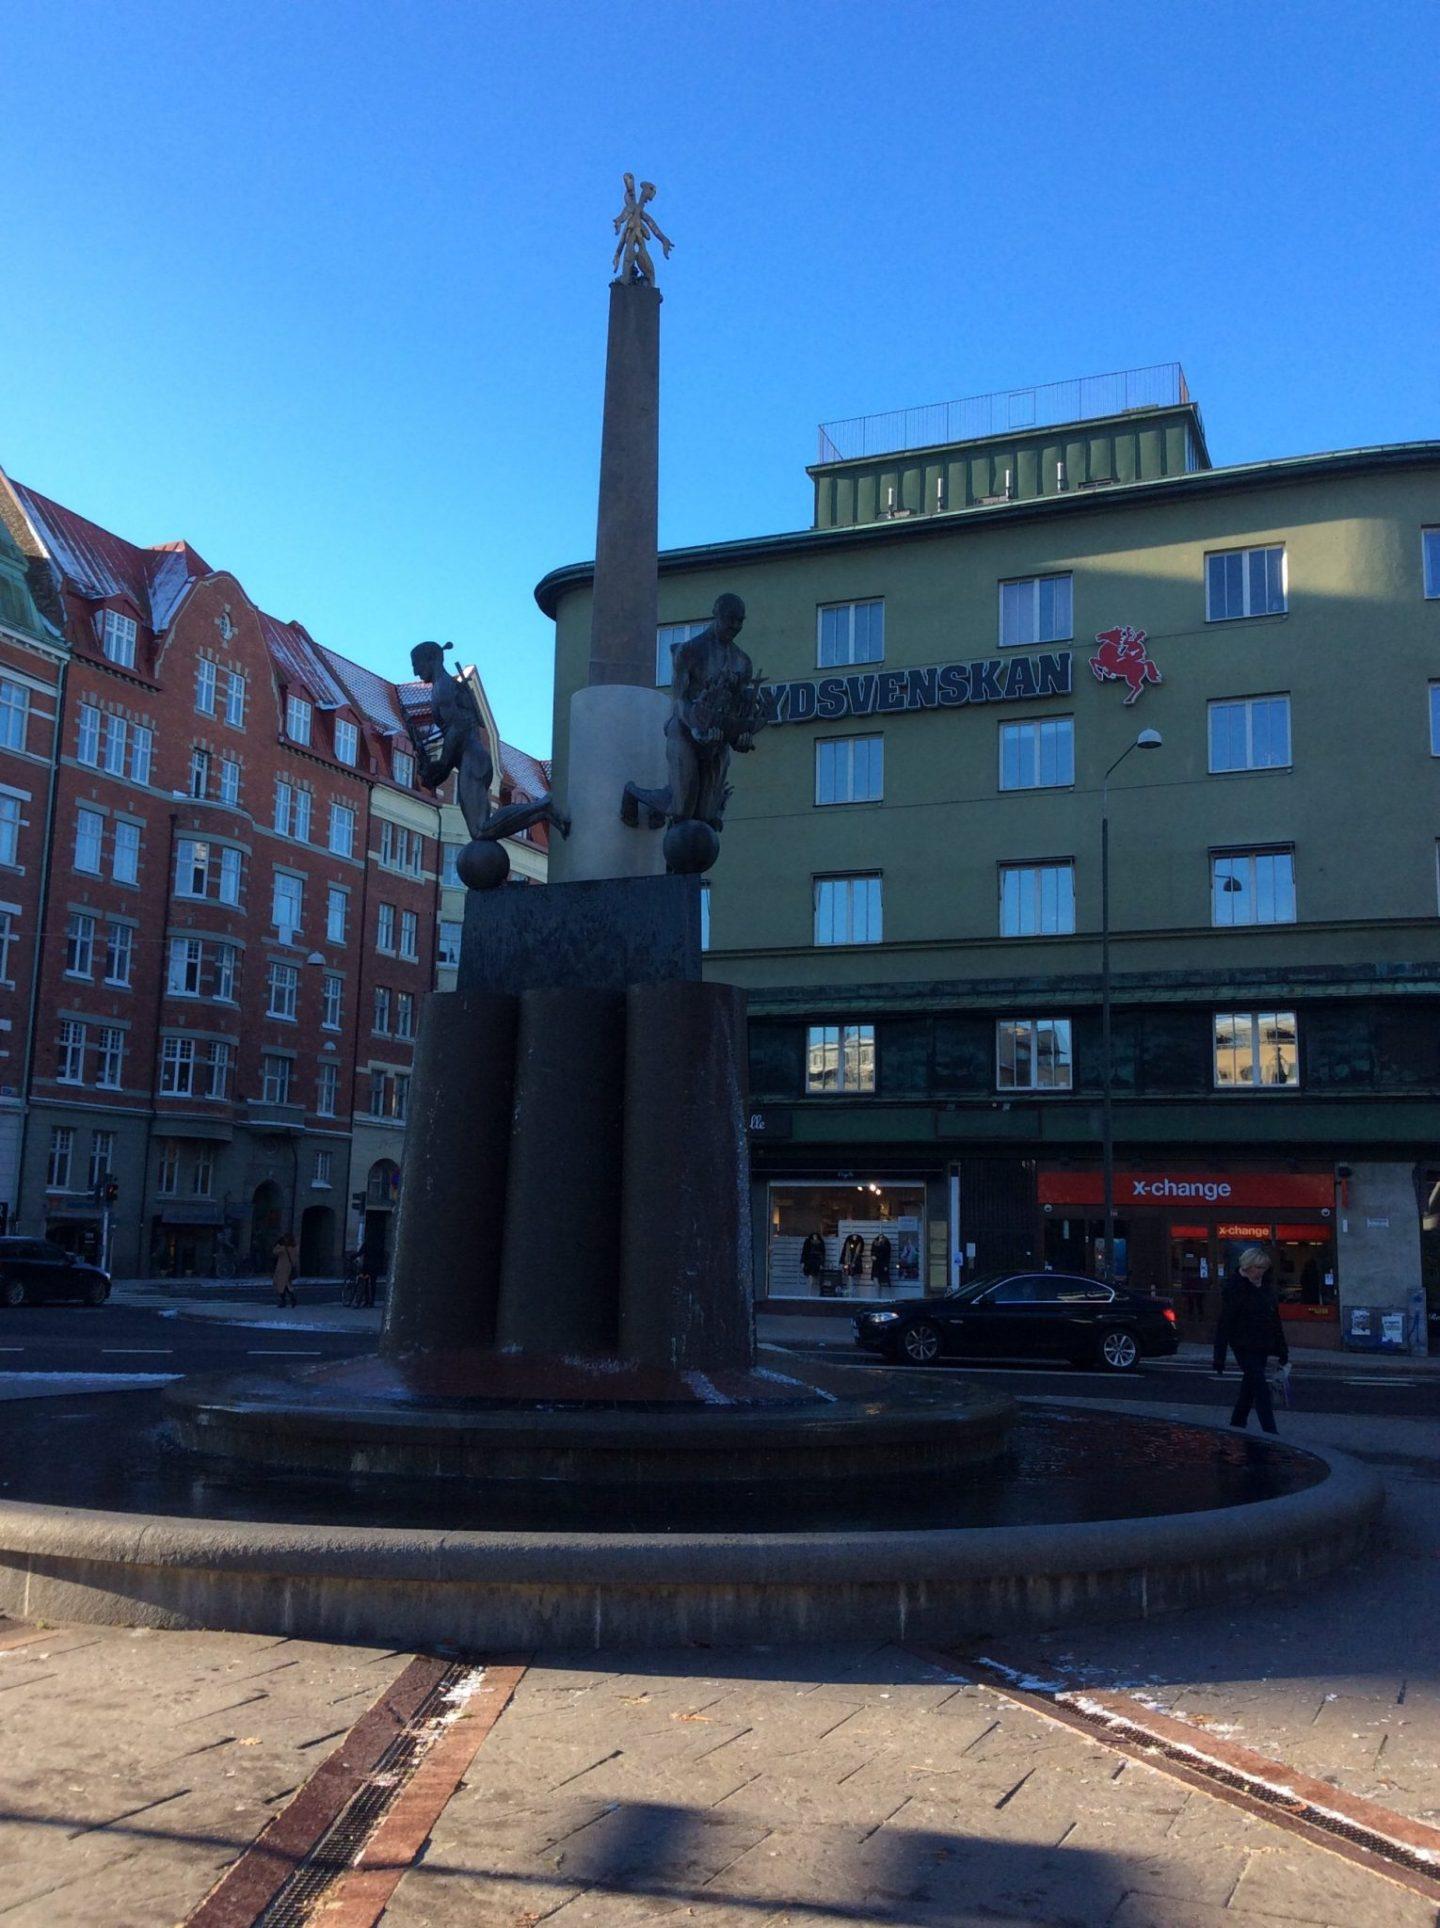 IMG 0141 1440x1928 - Malmö and the history